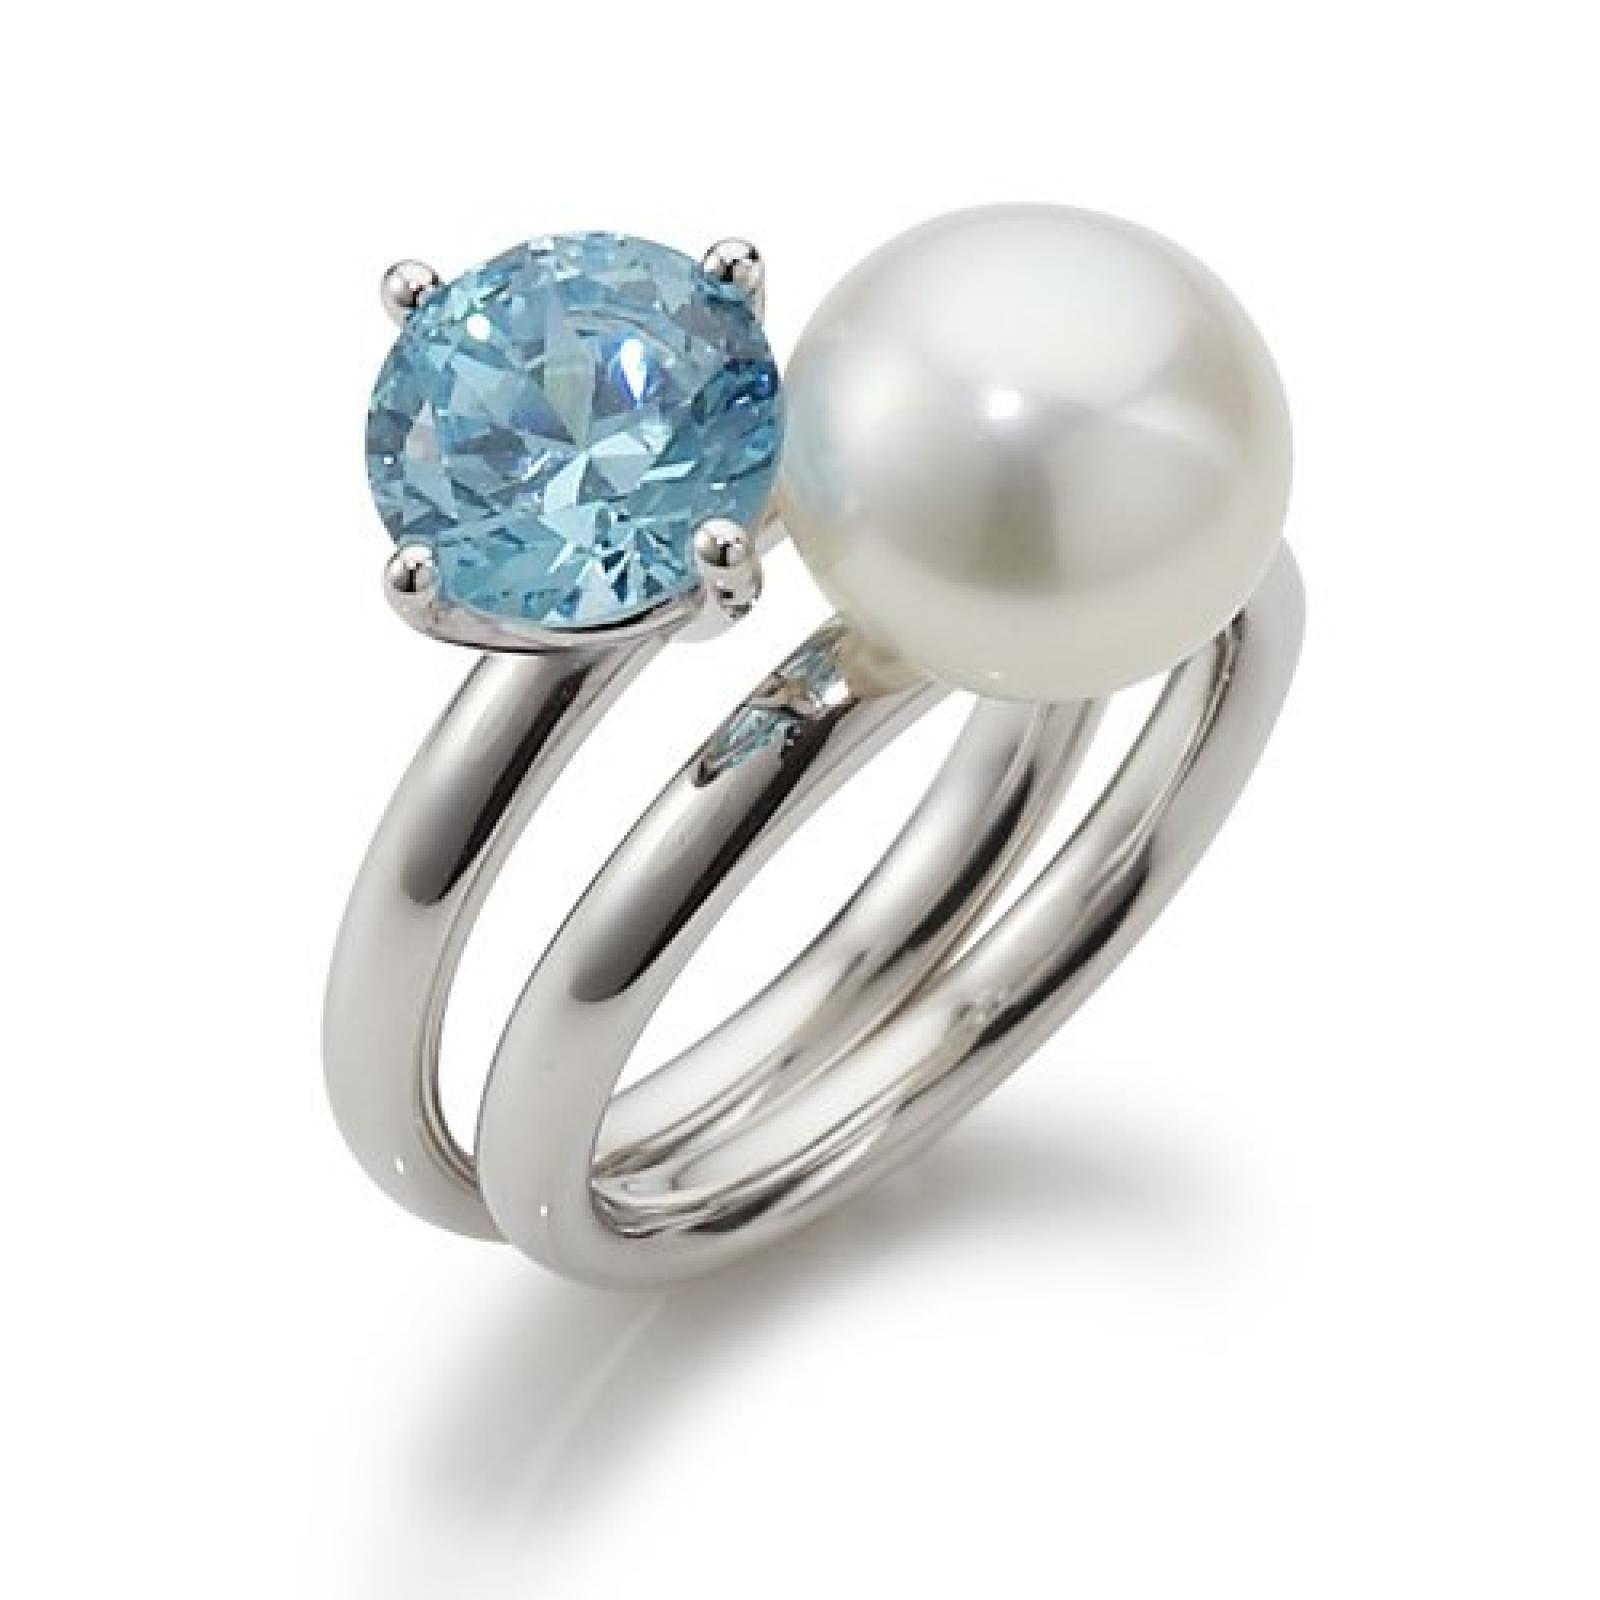 Adriana Damen-Ring Süßwasser Zuchtperlen blue lagoon 925 Sterling-Silber Rainbow RAR-H-Gr.56